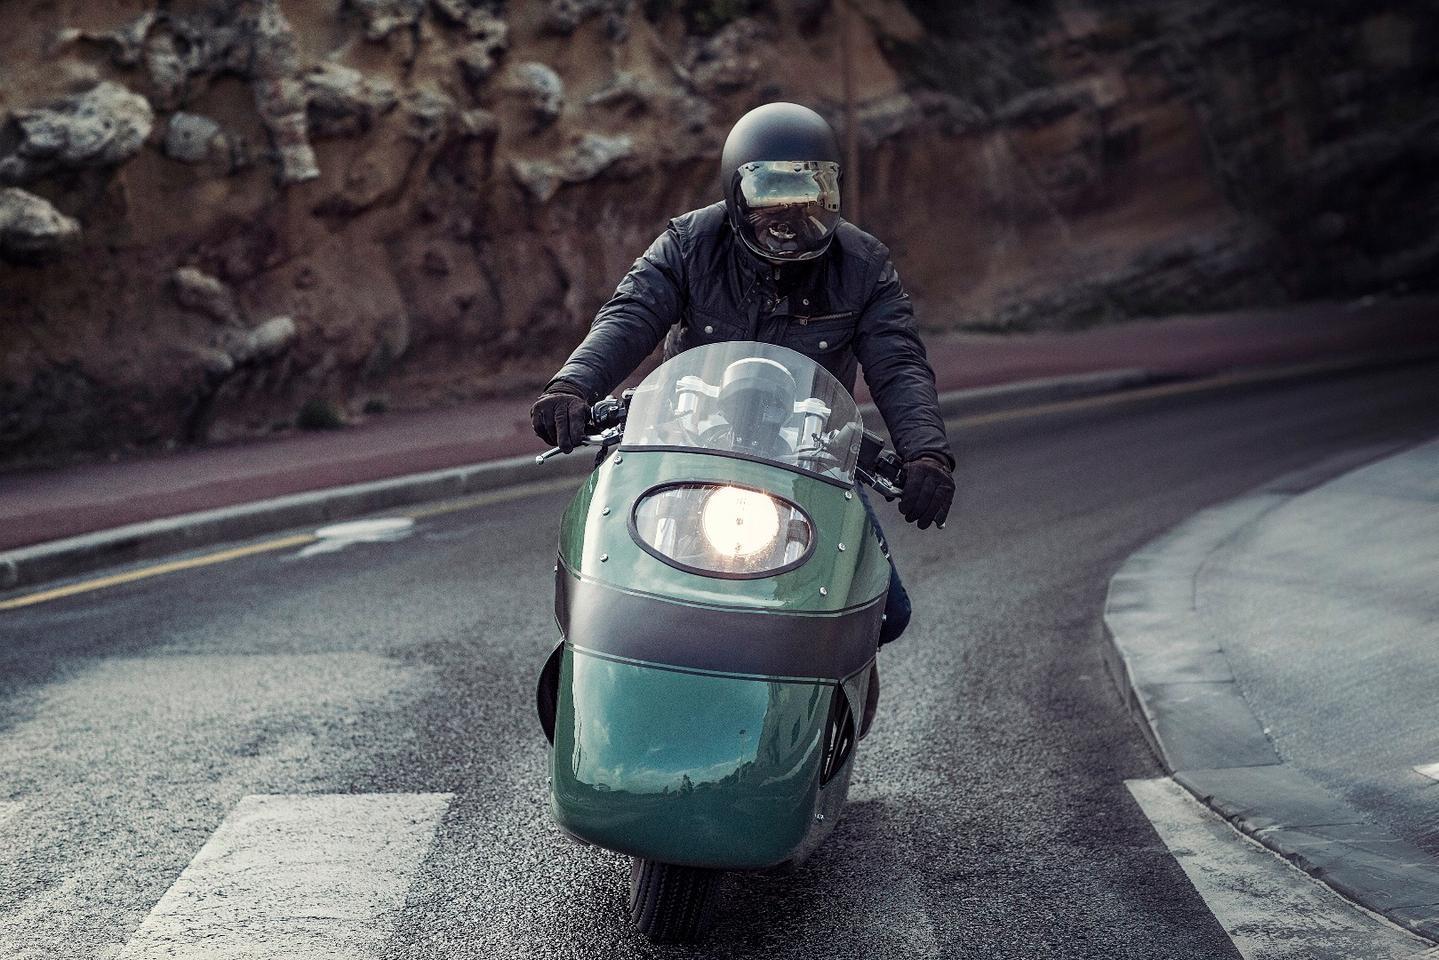 Vanguard Moto Guzzi V8: visor-style headlight cutout